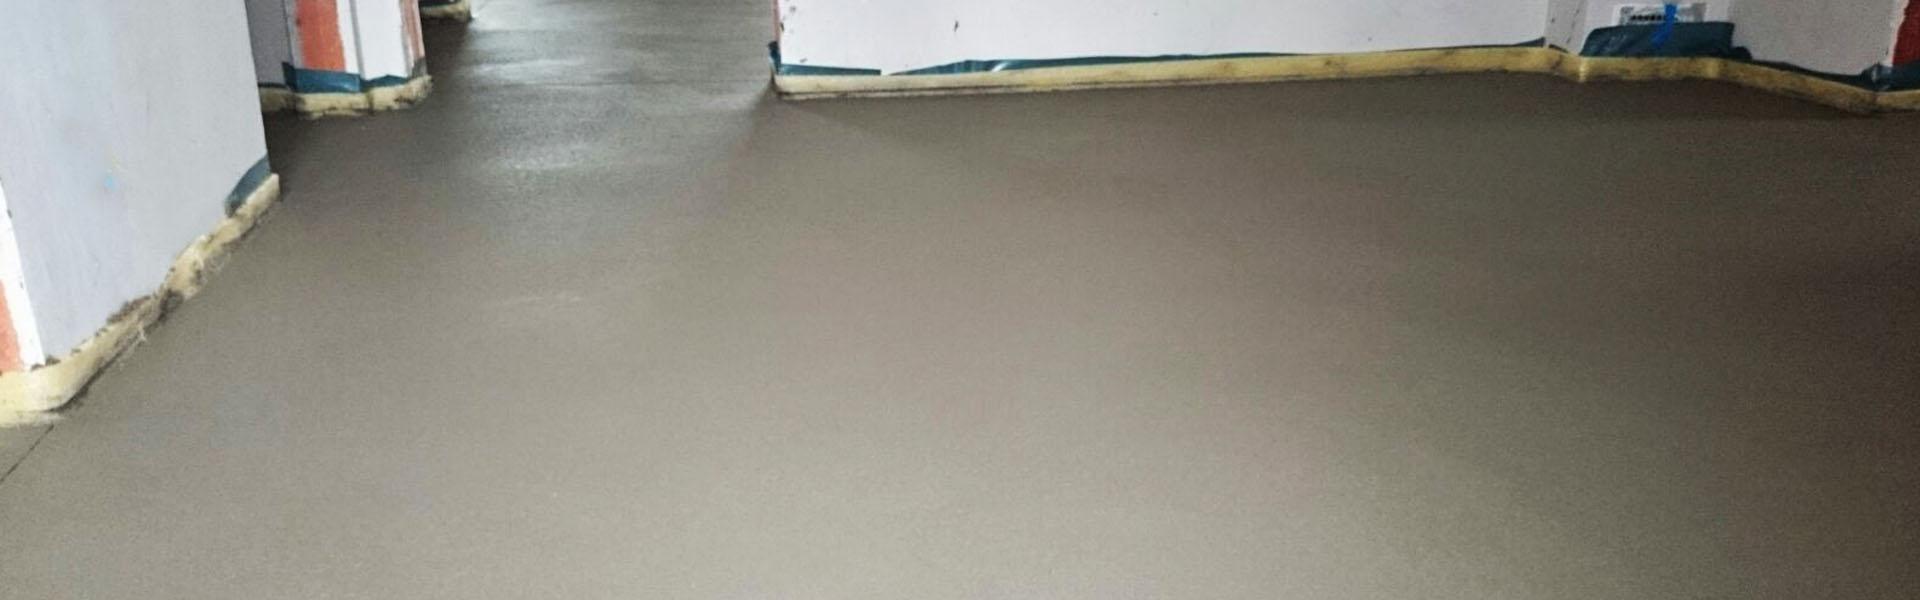 Robuster Zementestrich für strapazierfähige Böden